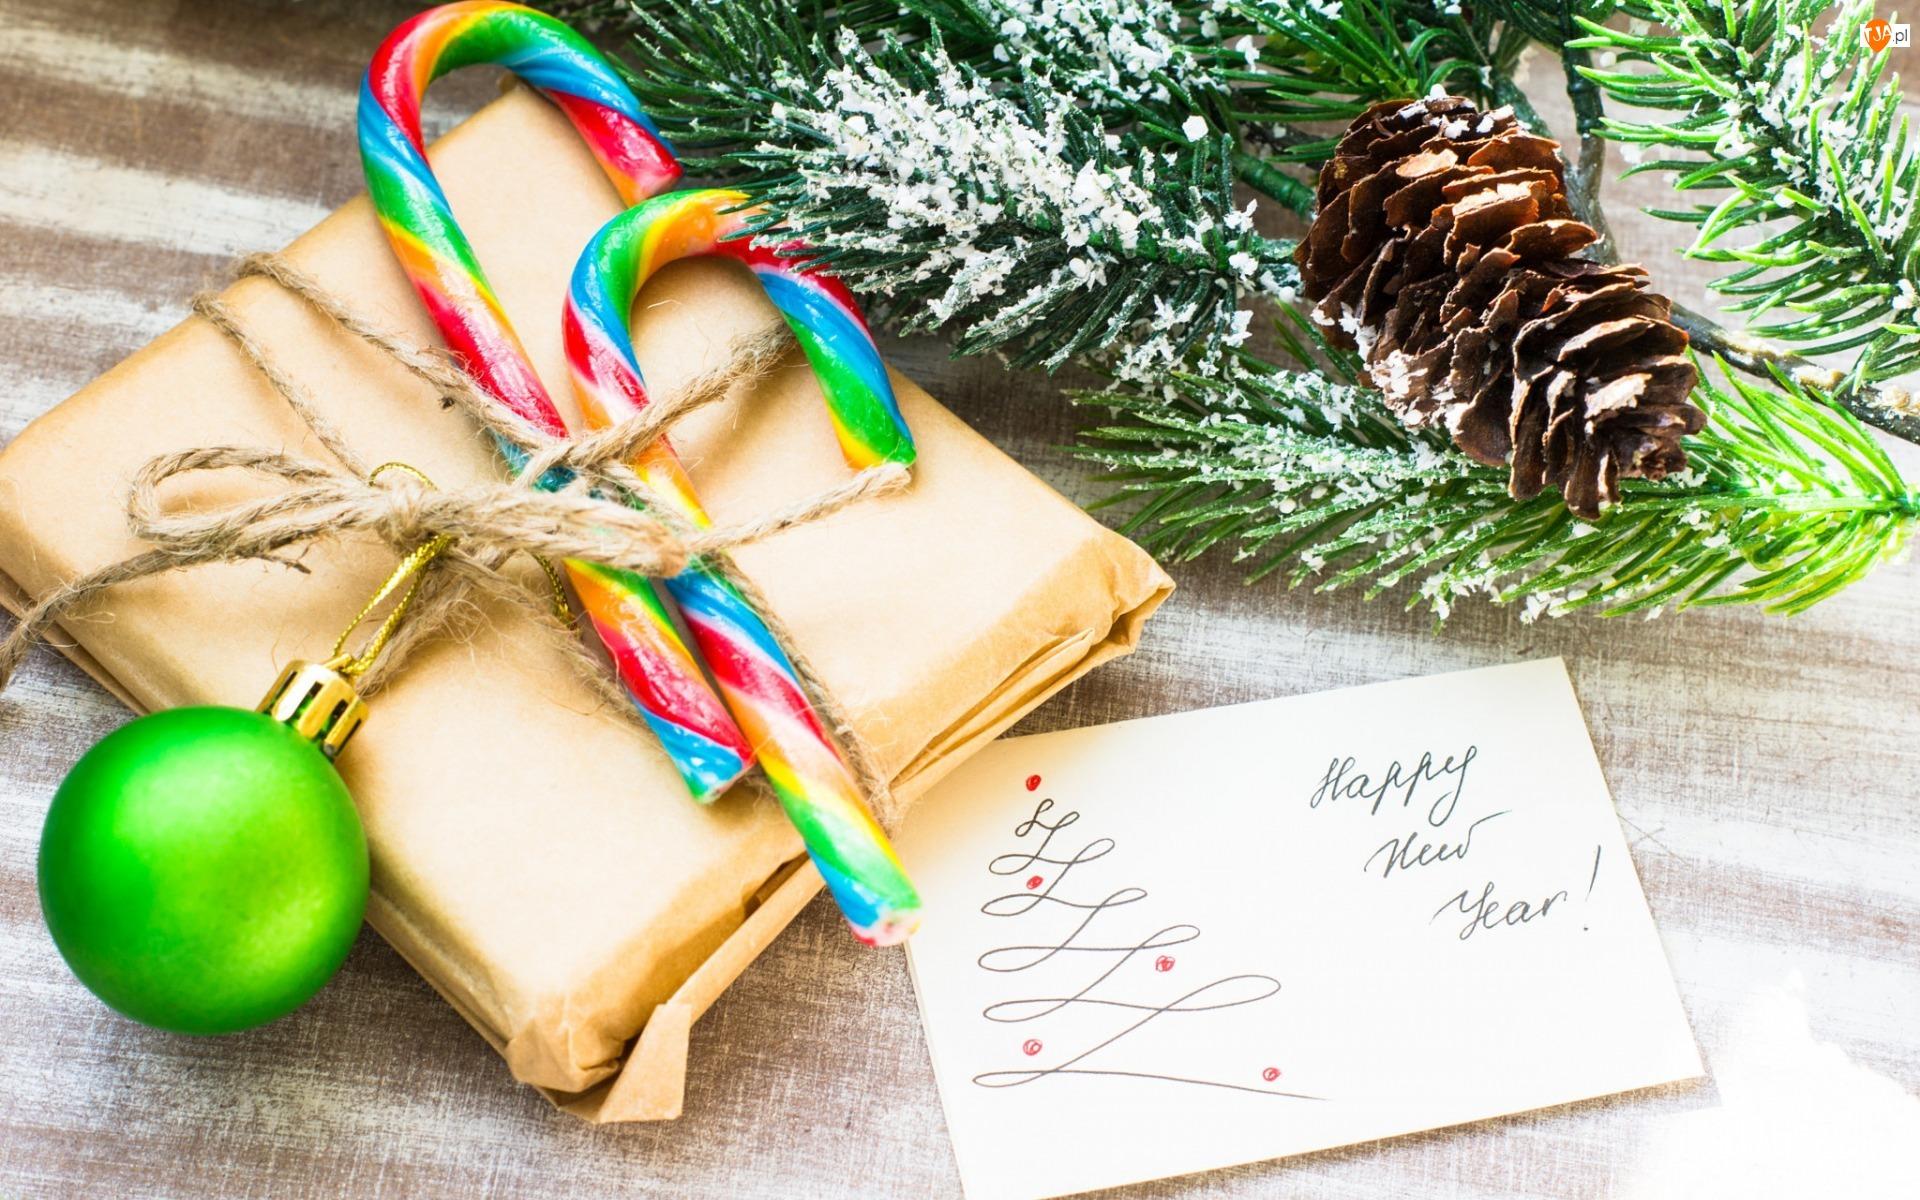 Gałązki, Szyszka, Szczęśliwego Nowego Roku, Kompozycja, Napis, Kartka, Prezent